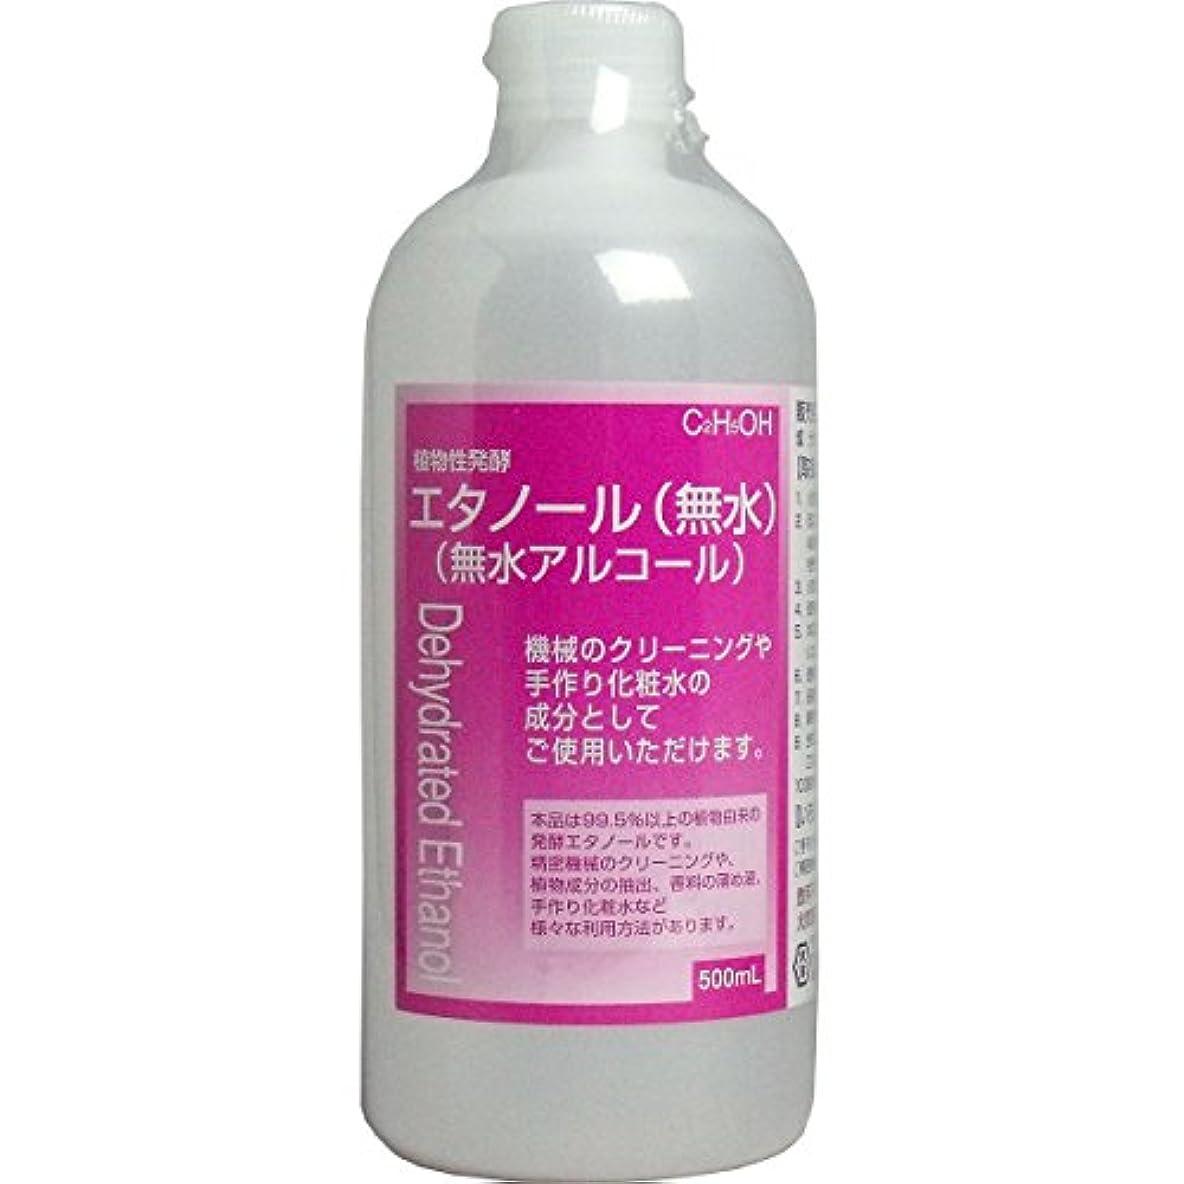 お互い男性純粋な手作り化粧水に 植物性発酵エタノール(無水エタノール) 500mL